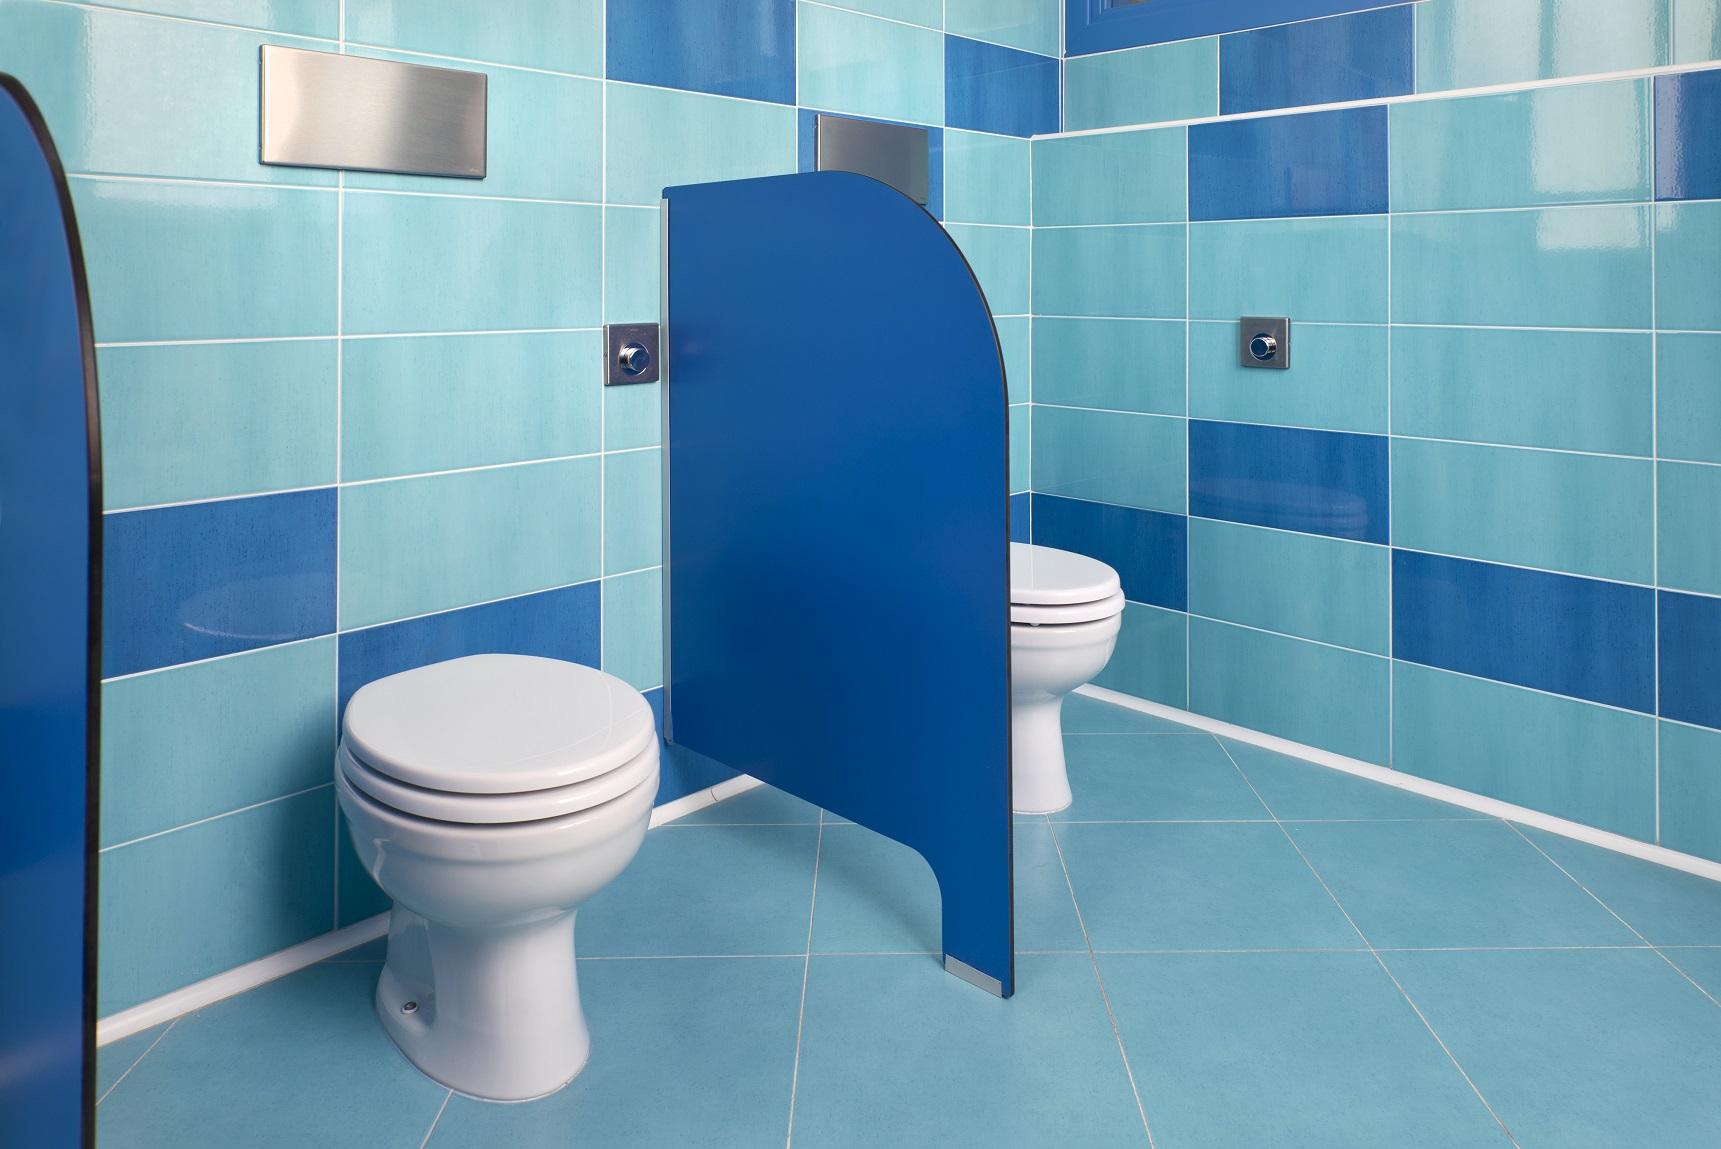 Per l 39 asilo un bagno a misura di bambino gt il - Bagno per bambini ...